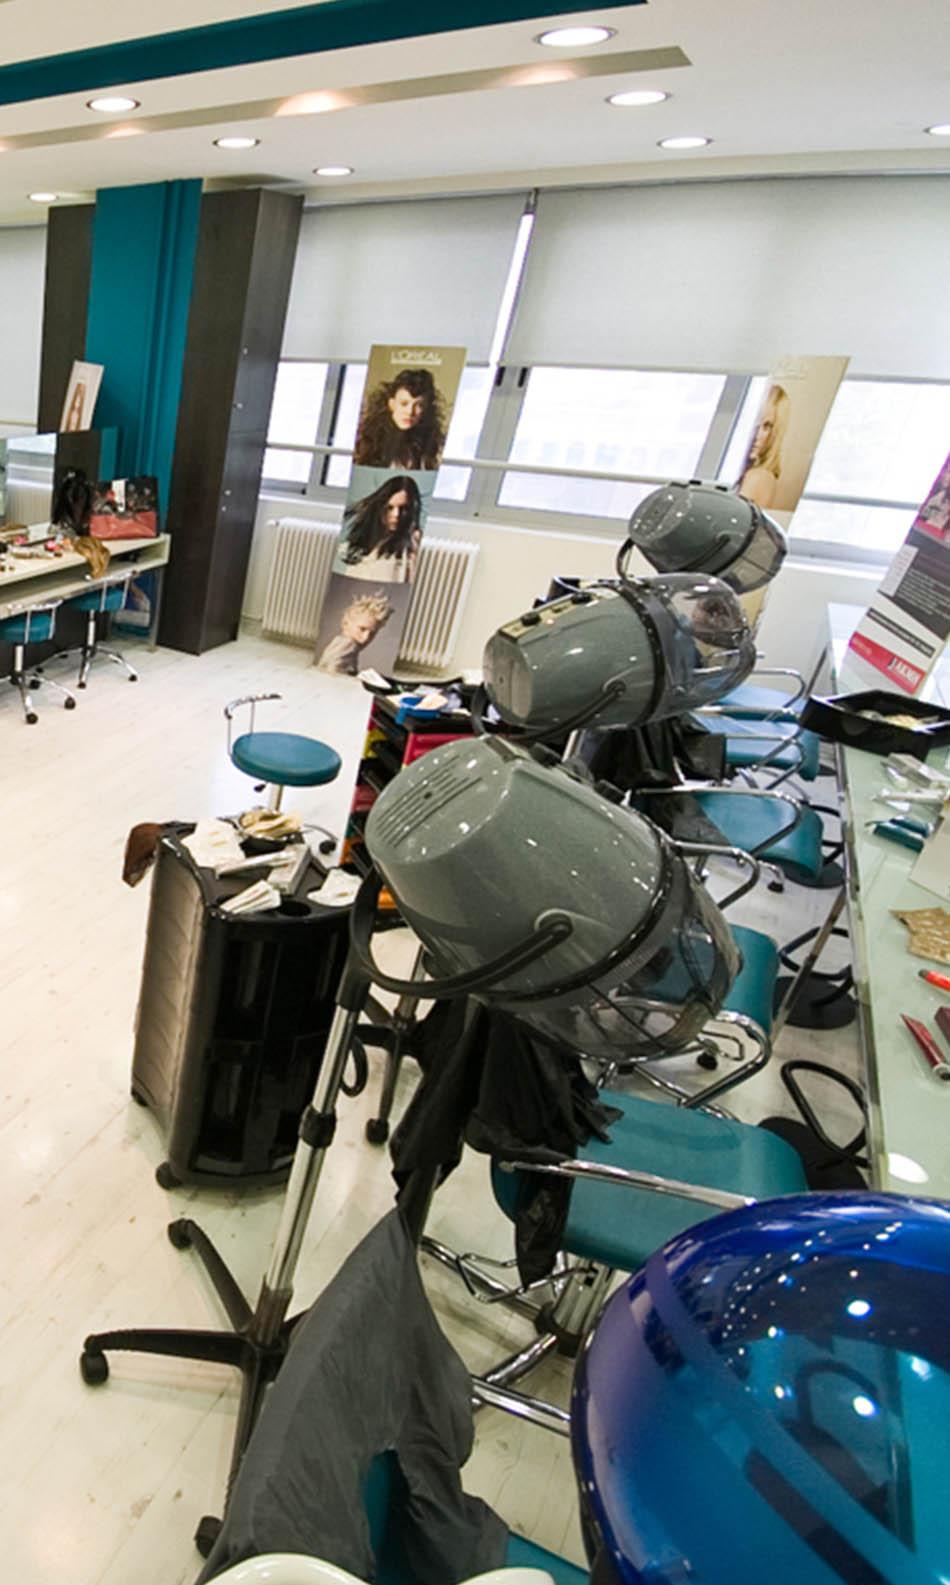 ΙΕΚ ΑΚΜΗ: Εργαστήριο Σχολής Κομμωτικής